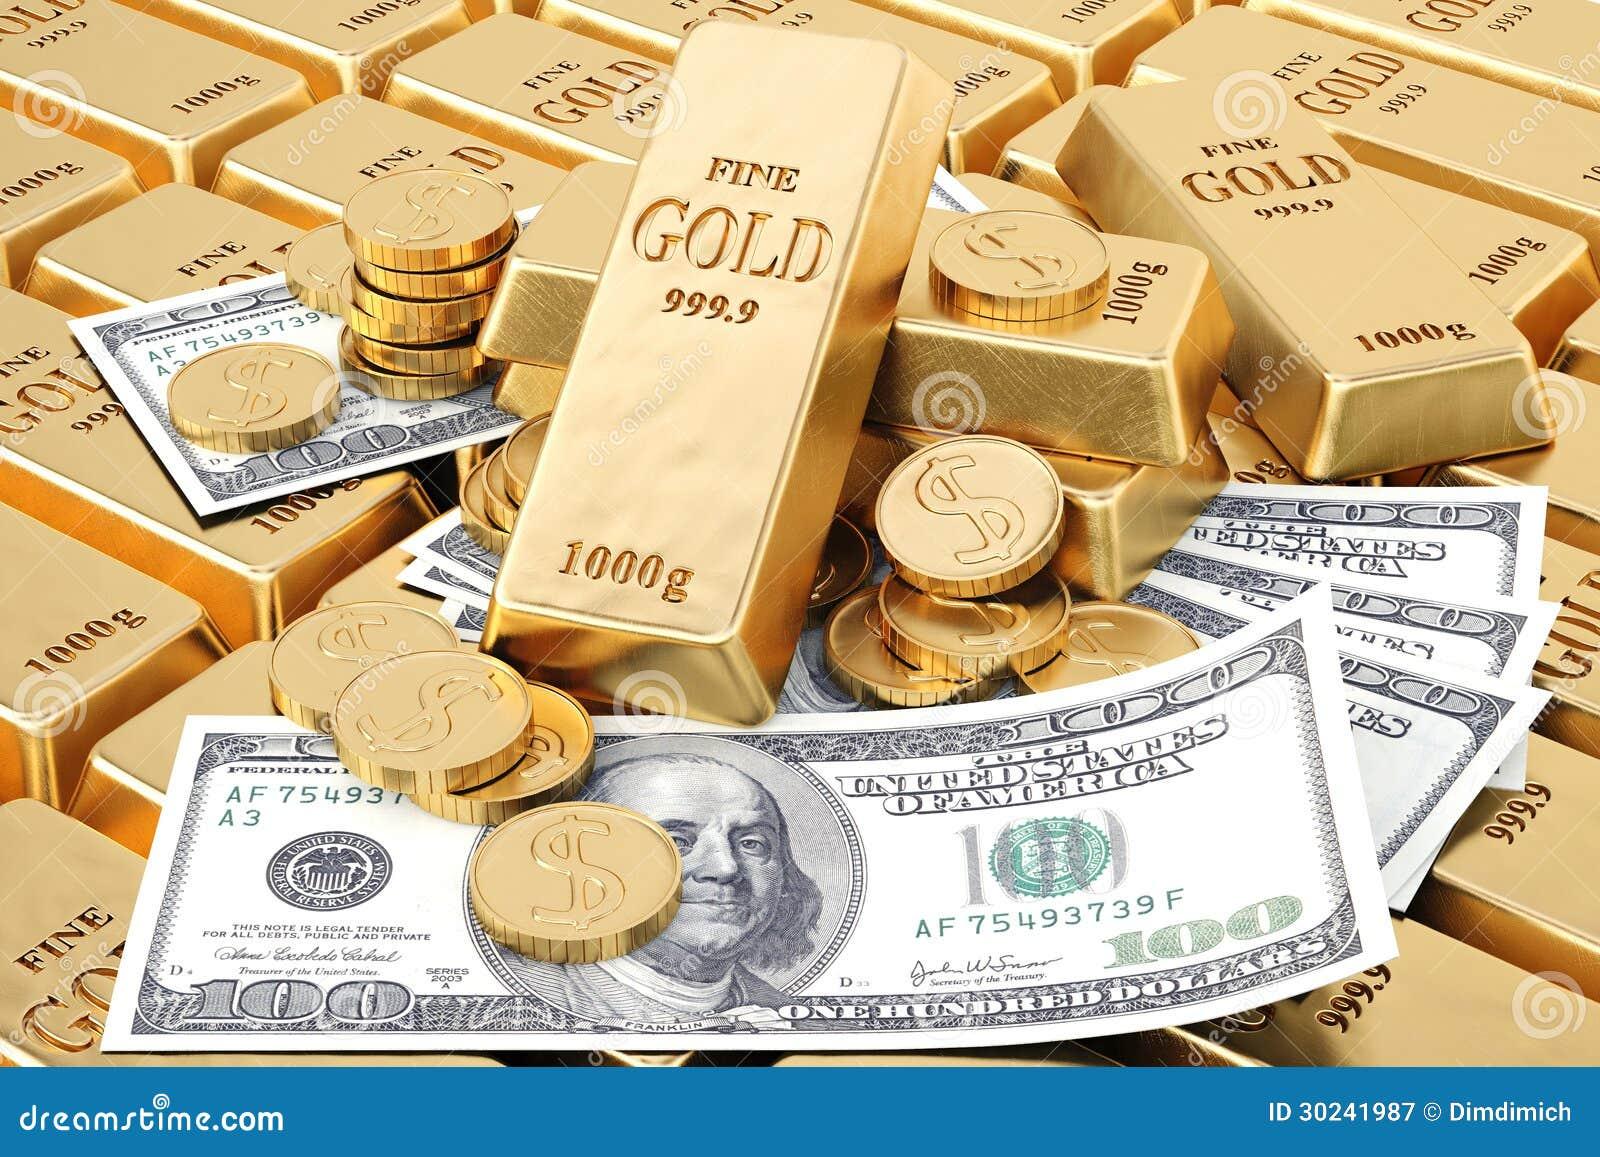 One word essay money gold car